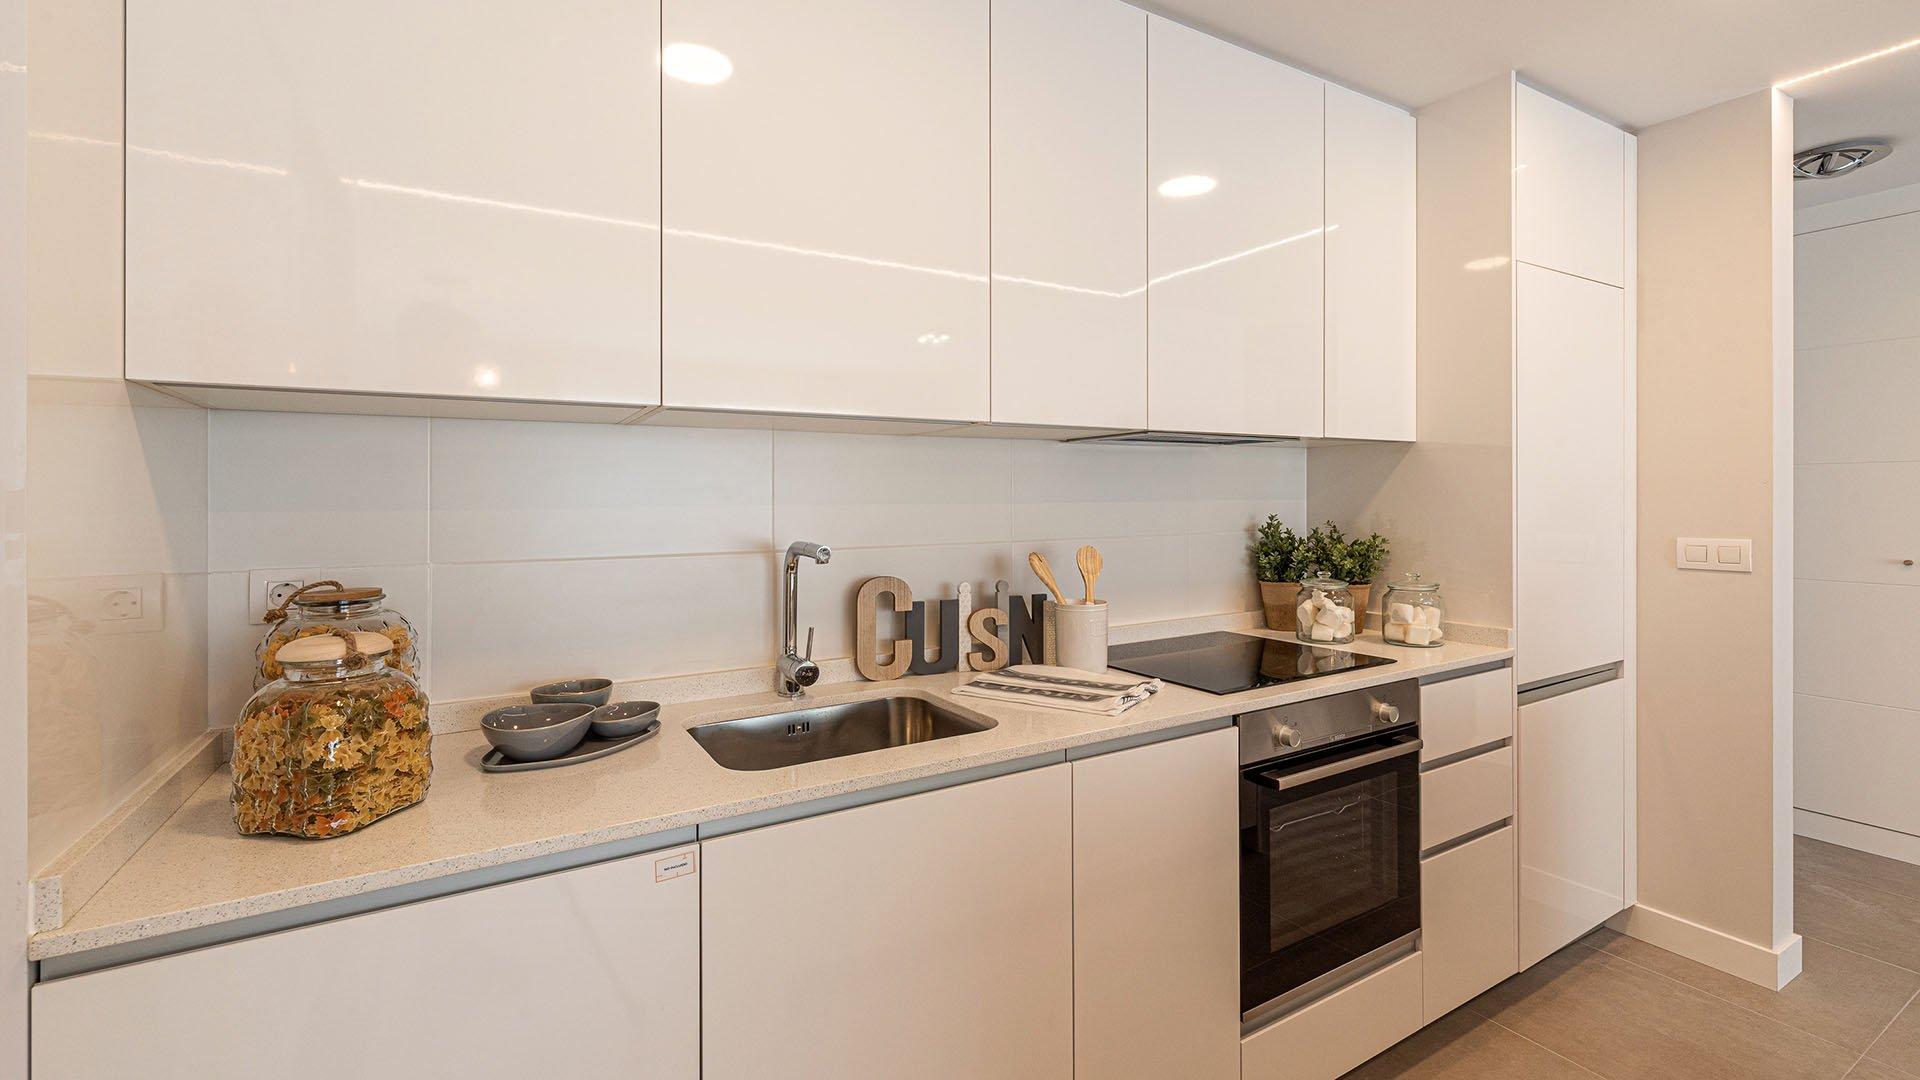 Serenity Benalmádena: Appartementen in Benalmádena met prachtig zeezicht